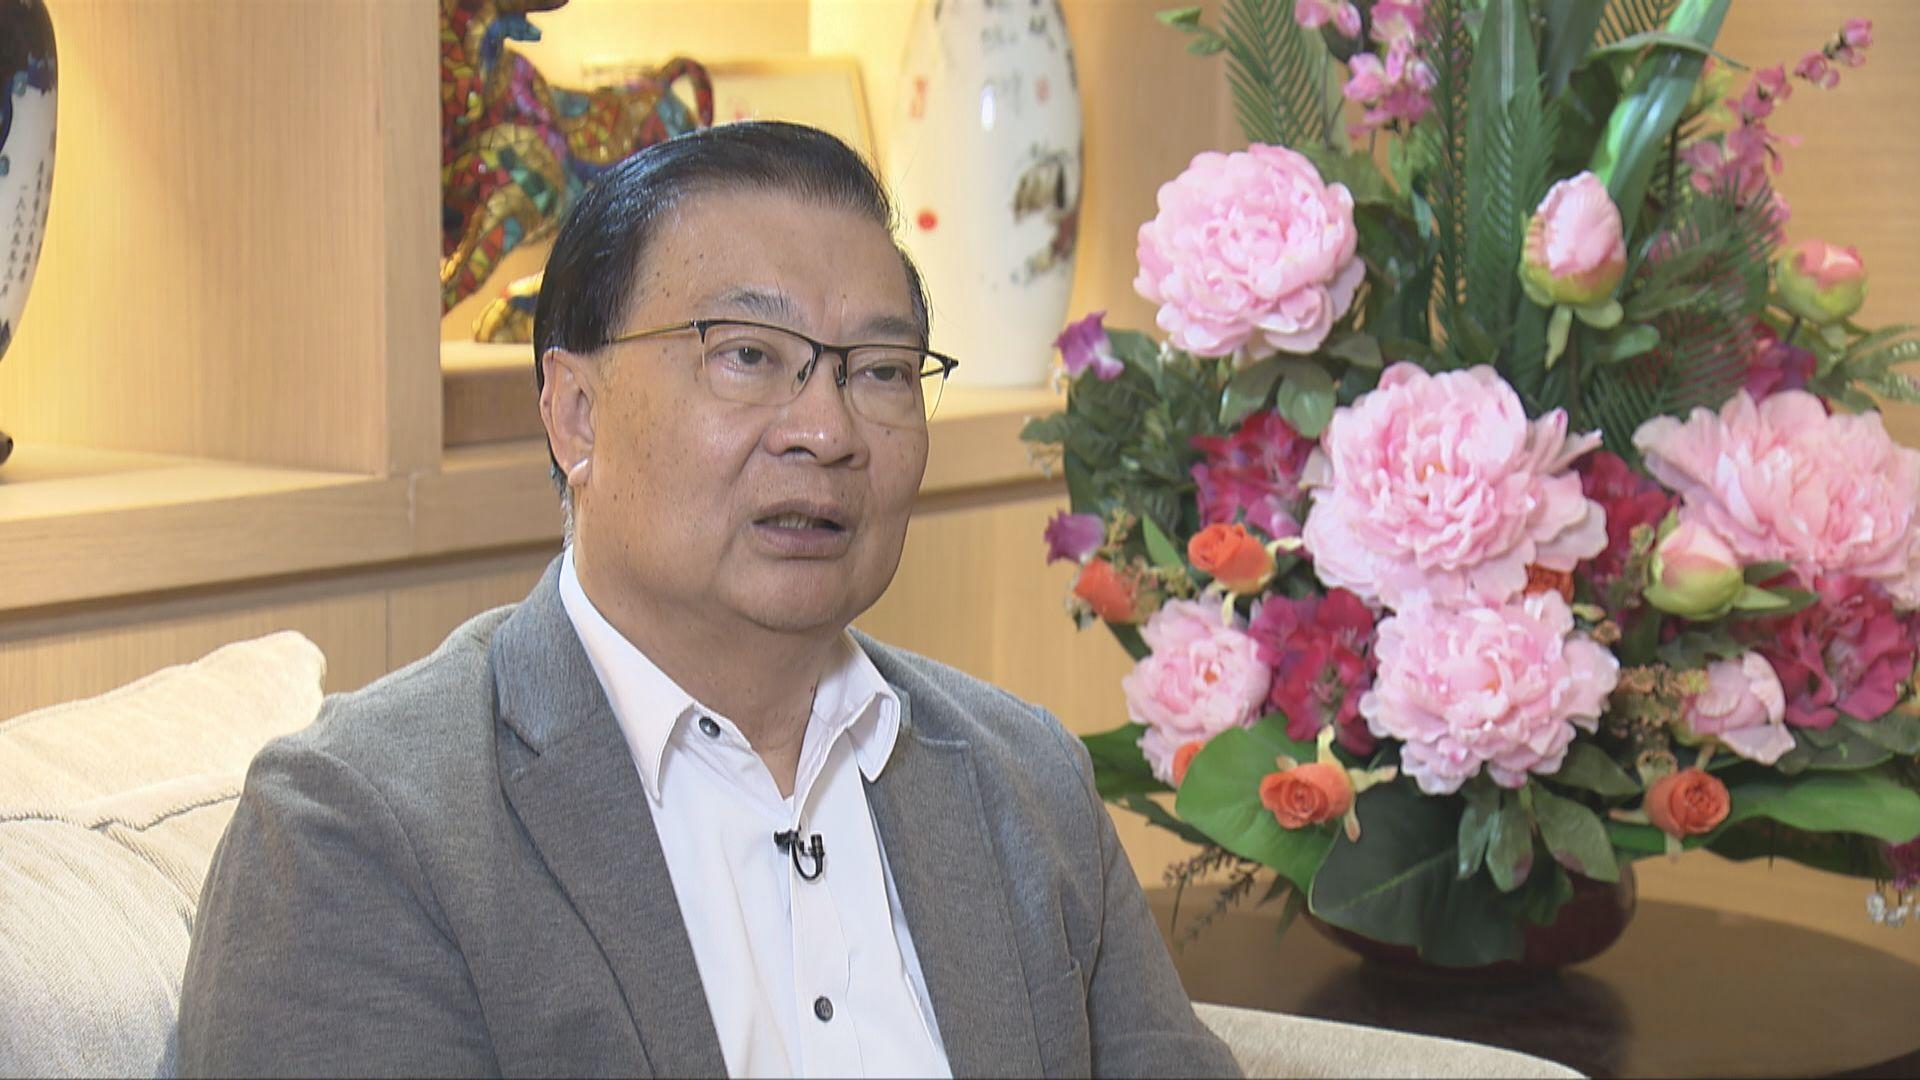 譚耀宗︰日後公務員就任須宣誓擁護基本法